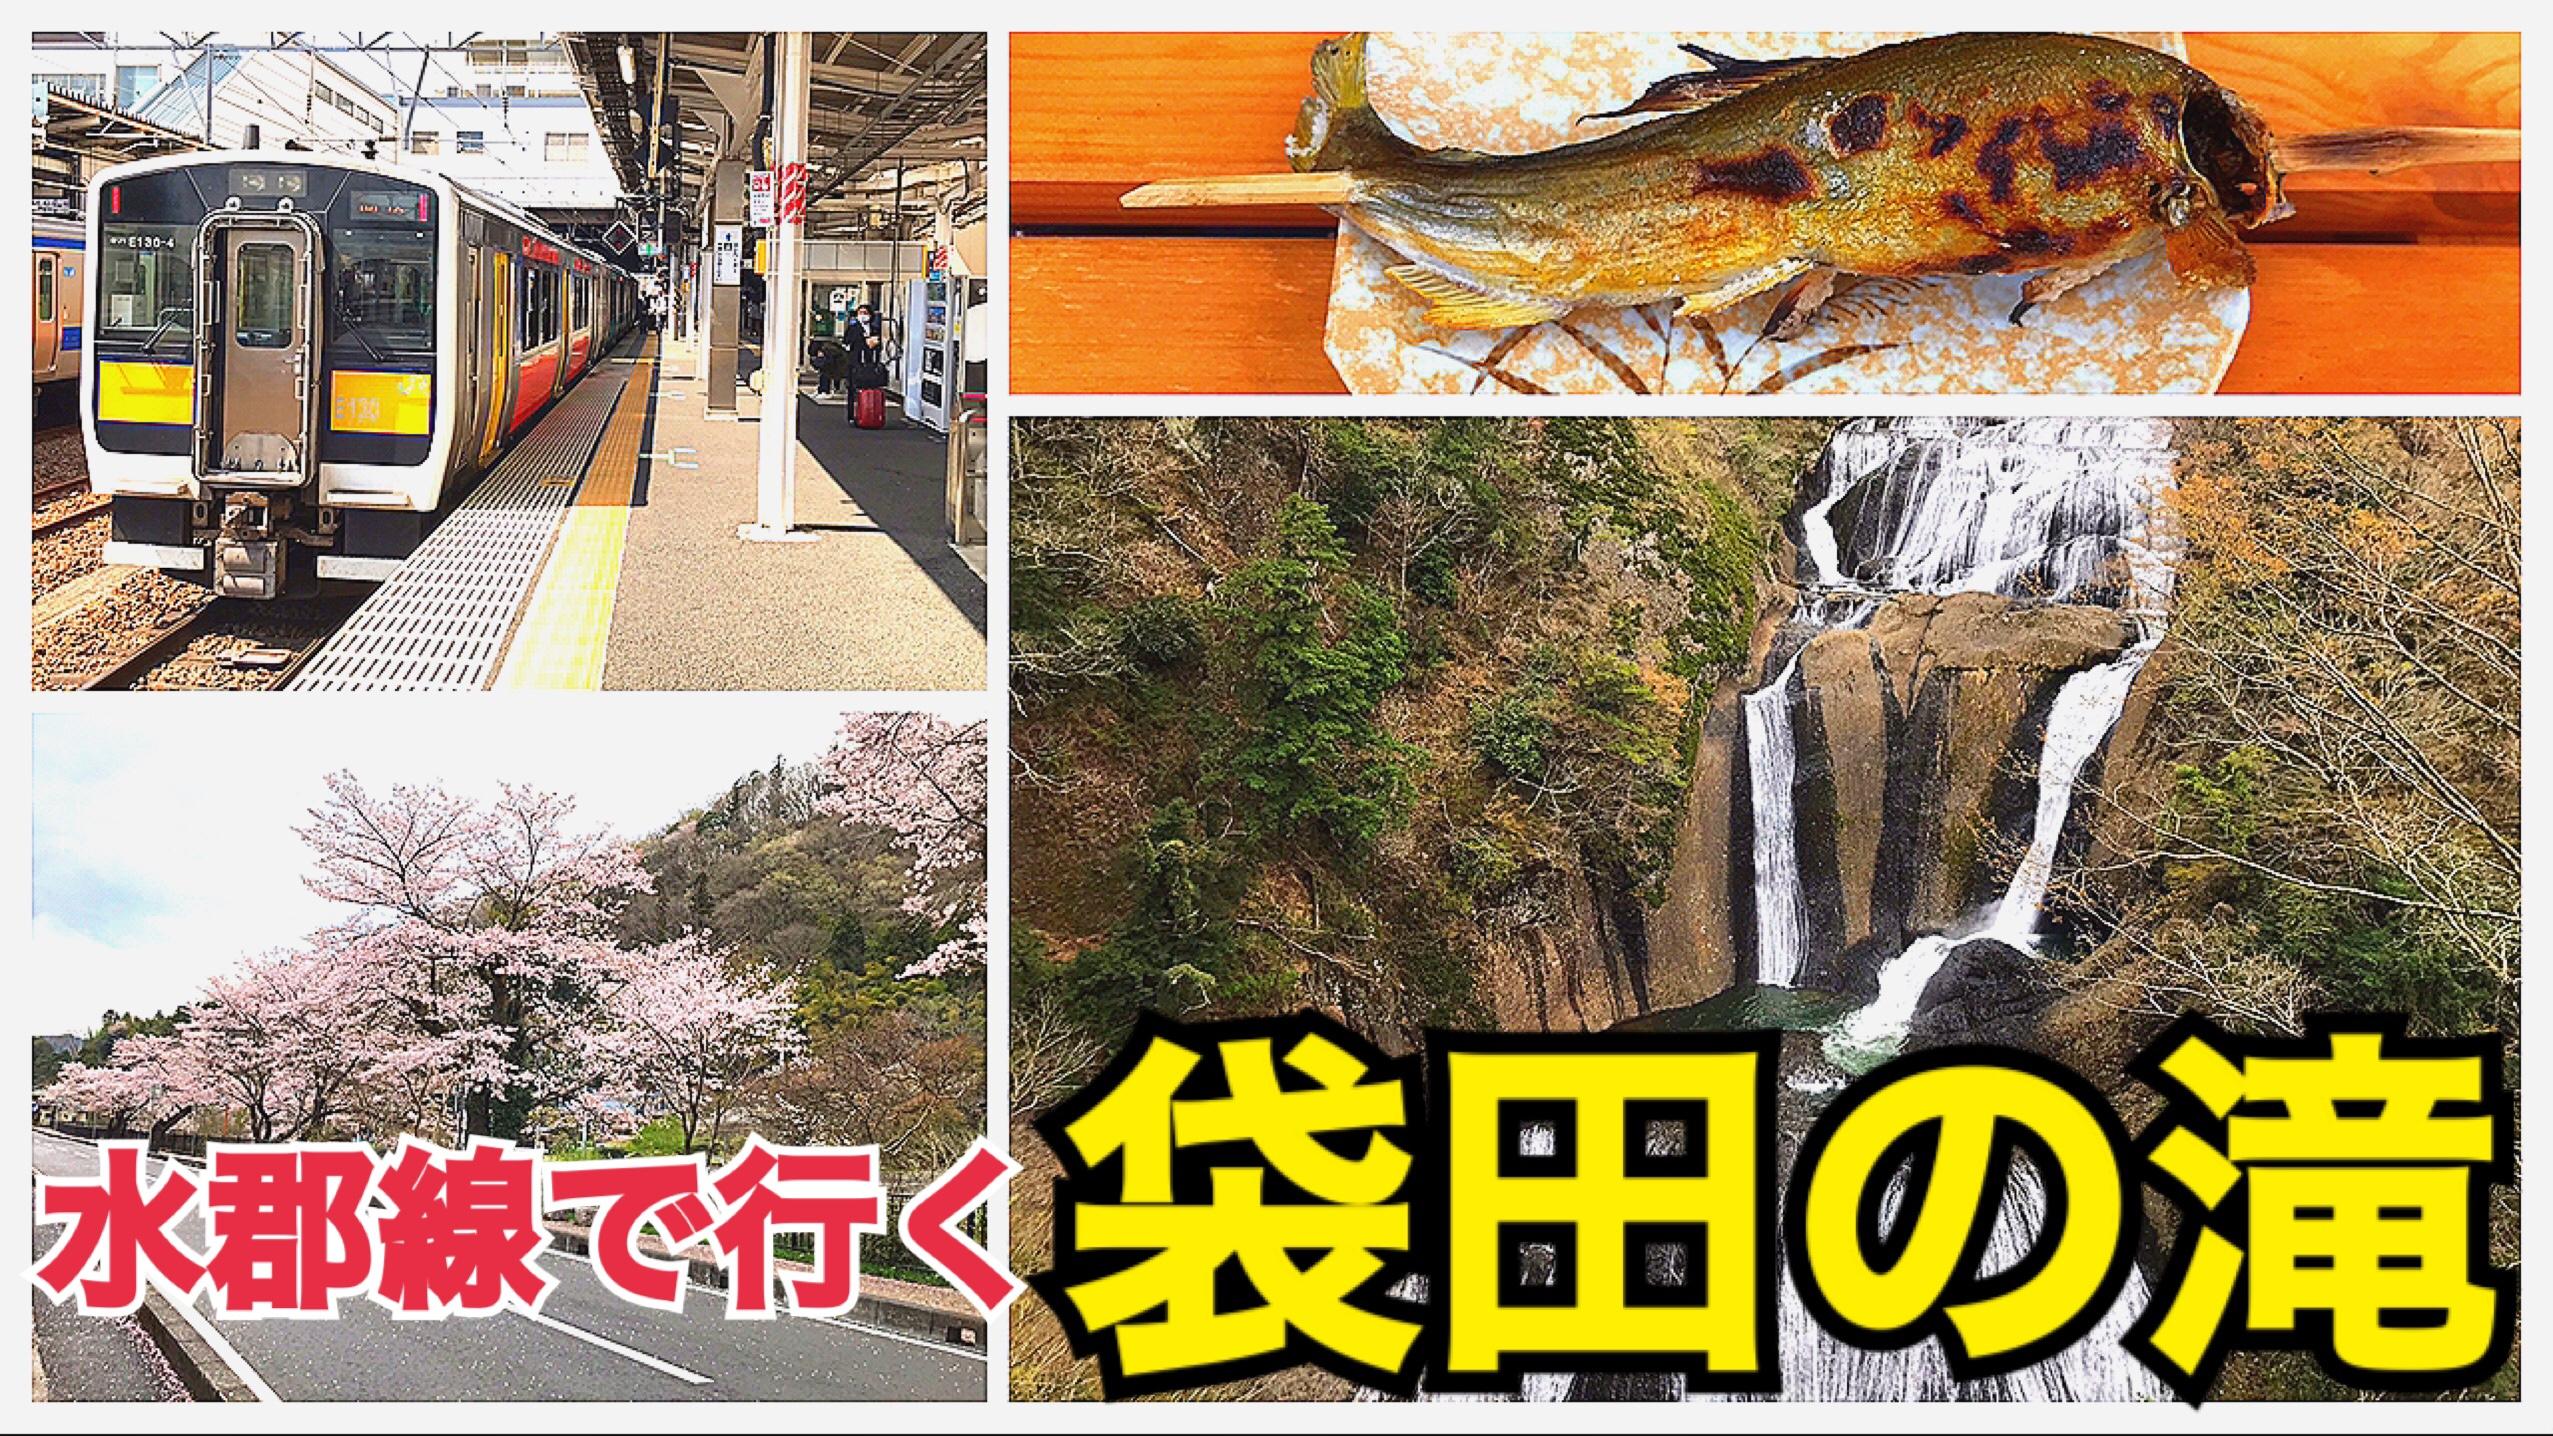 水郡線で行く!茨城の観光名所、袋田の滝へ!美しい滝の景色を楽しもう!【茨城魅力発見の旅】